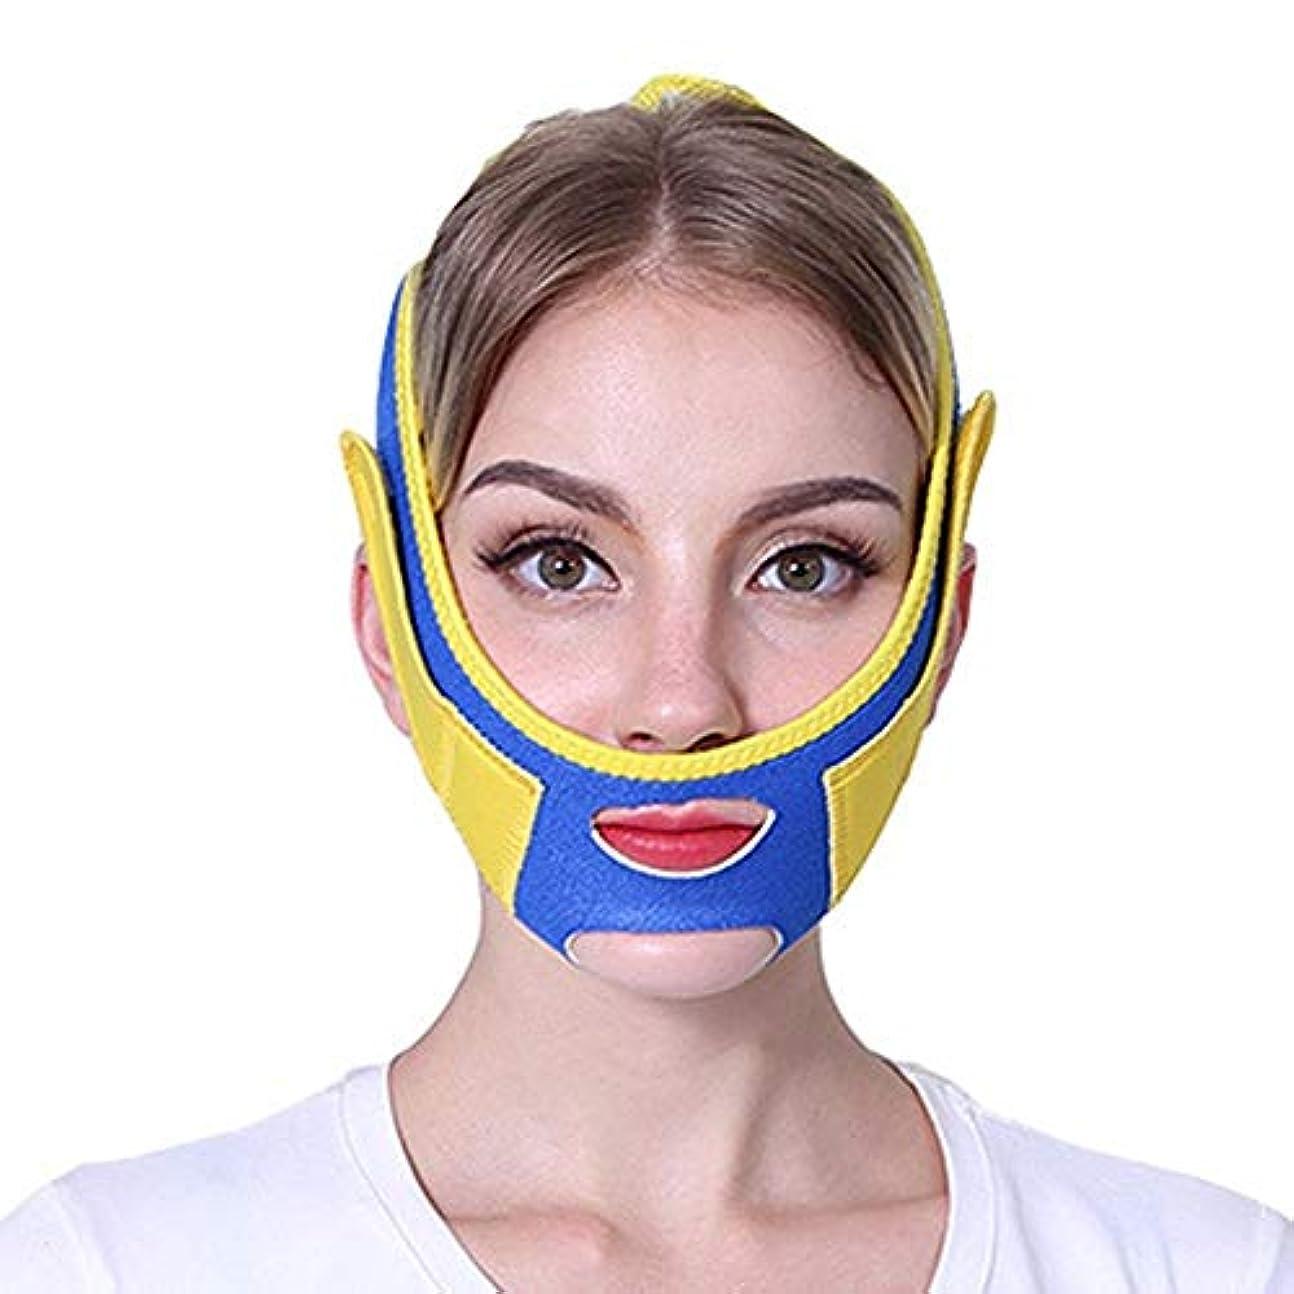 途方もない差メンテナンスフェイスリフティング包帯、フェイシャルマッサージV字型で肌の弾力性を高め ダブルチンの美容ケアツール (Color : Blue)